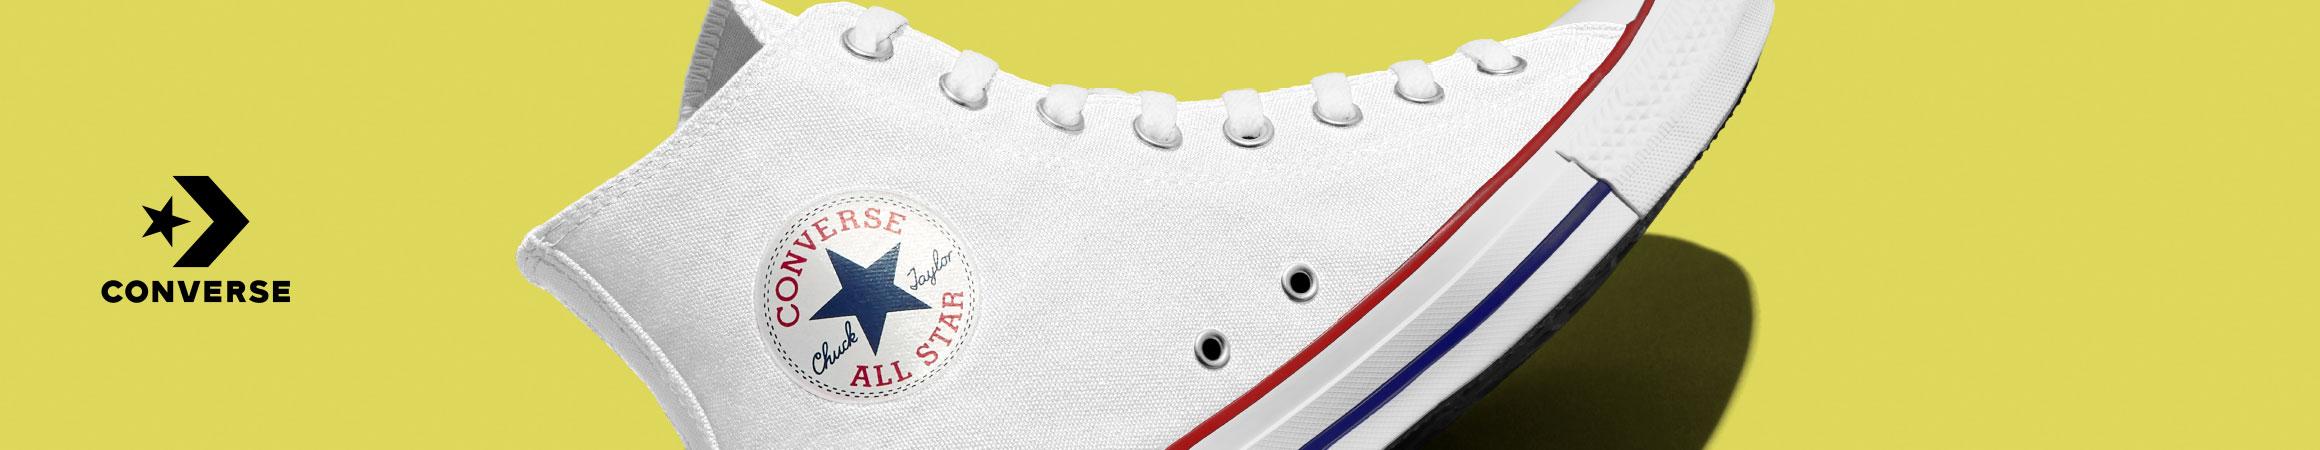 Loja Converse online: espreita as últimas novidades da coleção Converse